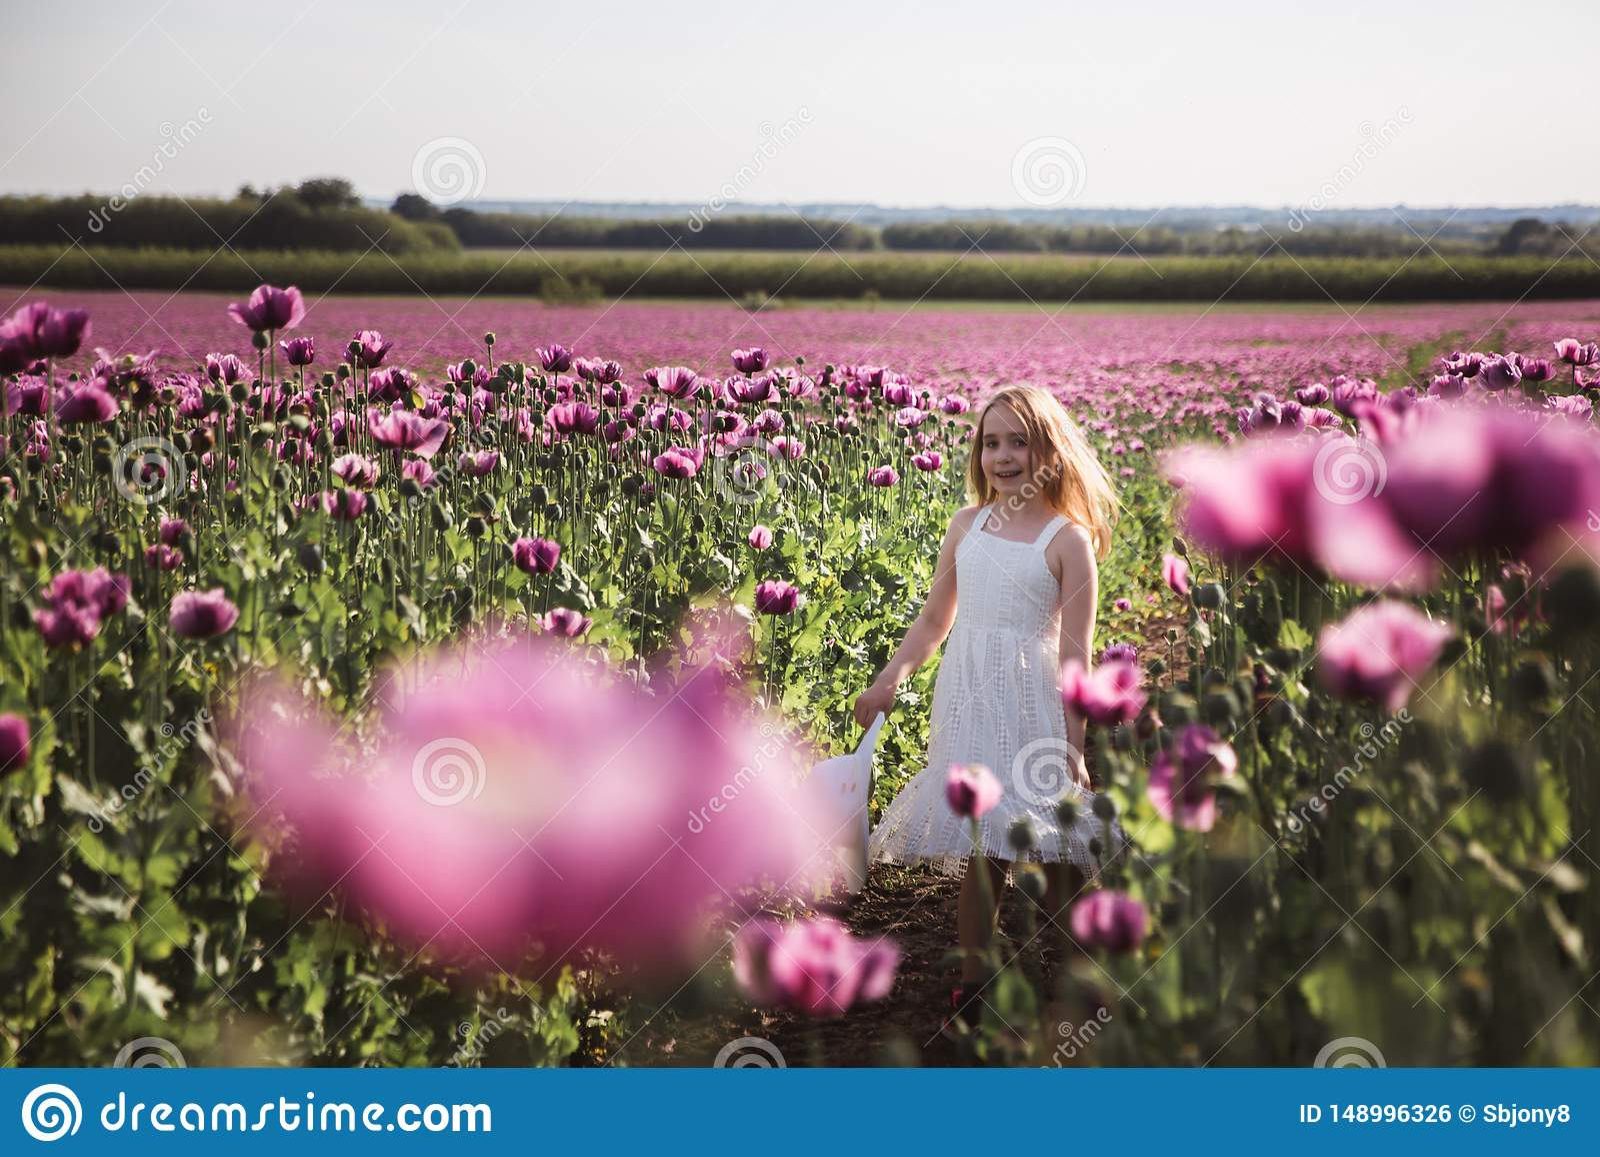 Прелестная маленькая девочка с длинными волосами в идти белого платья сиротливый в поле цветков мака сирени